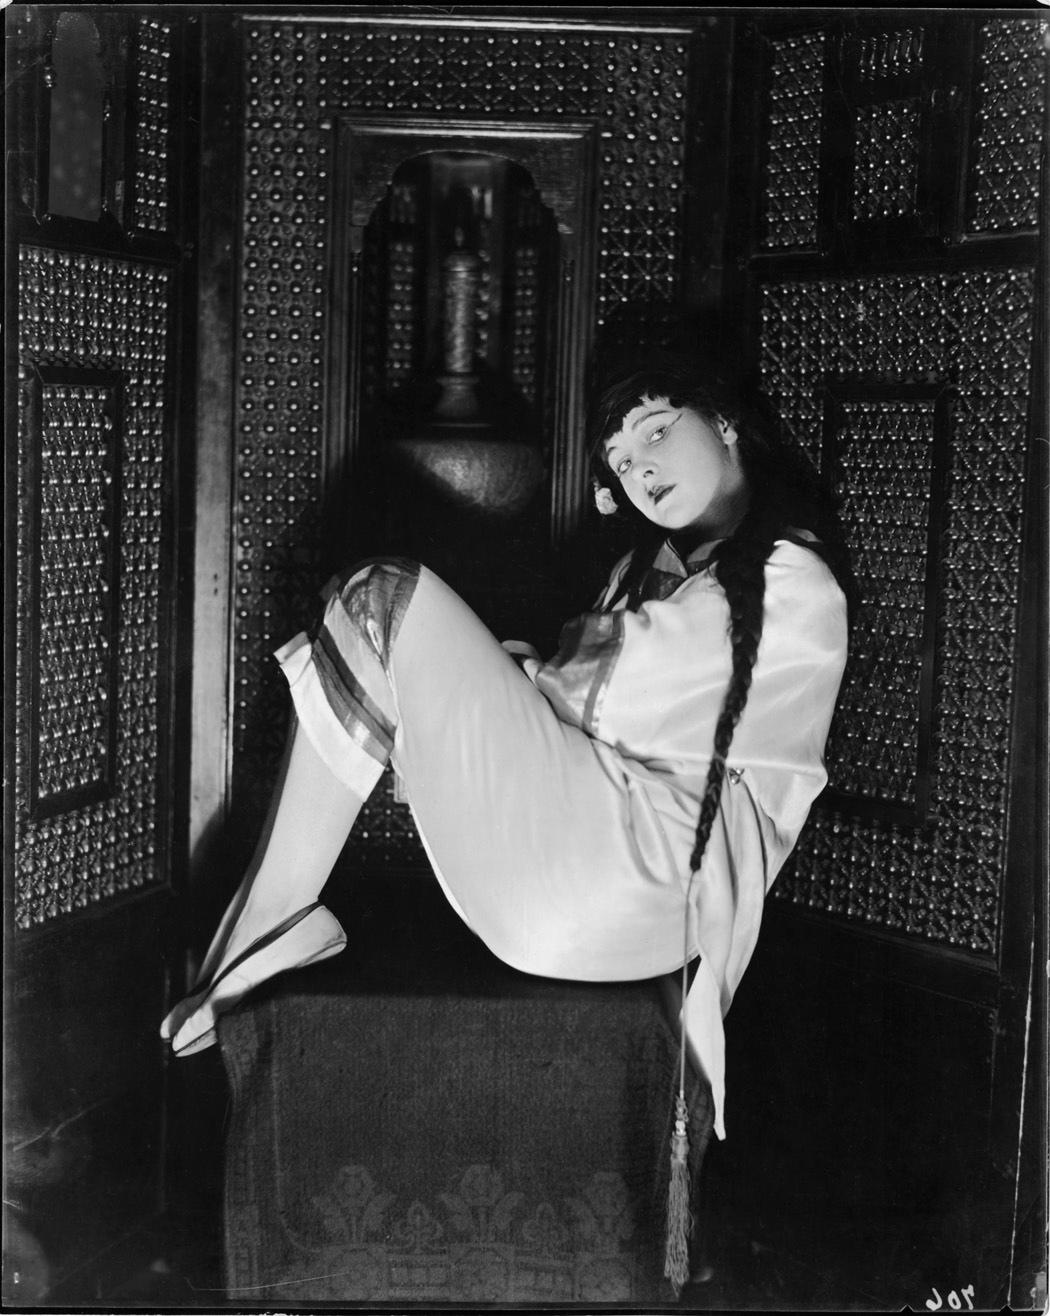 vaudeville-star-pauline-leland-by-james-abbe-c-1921